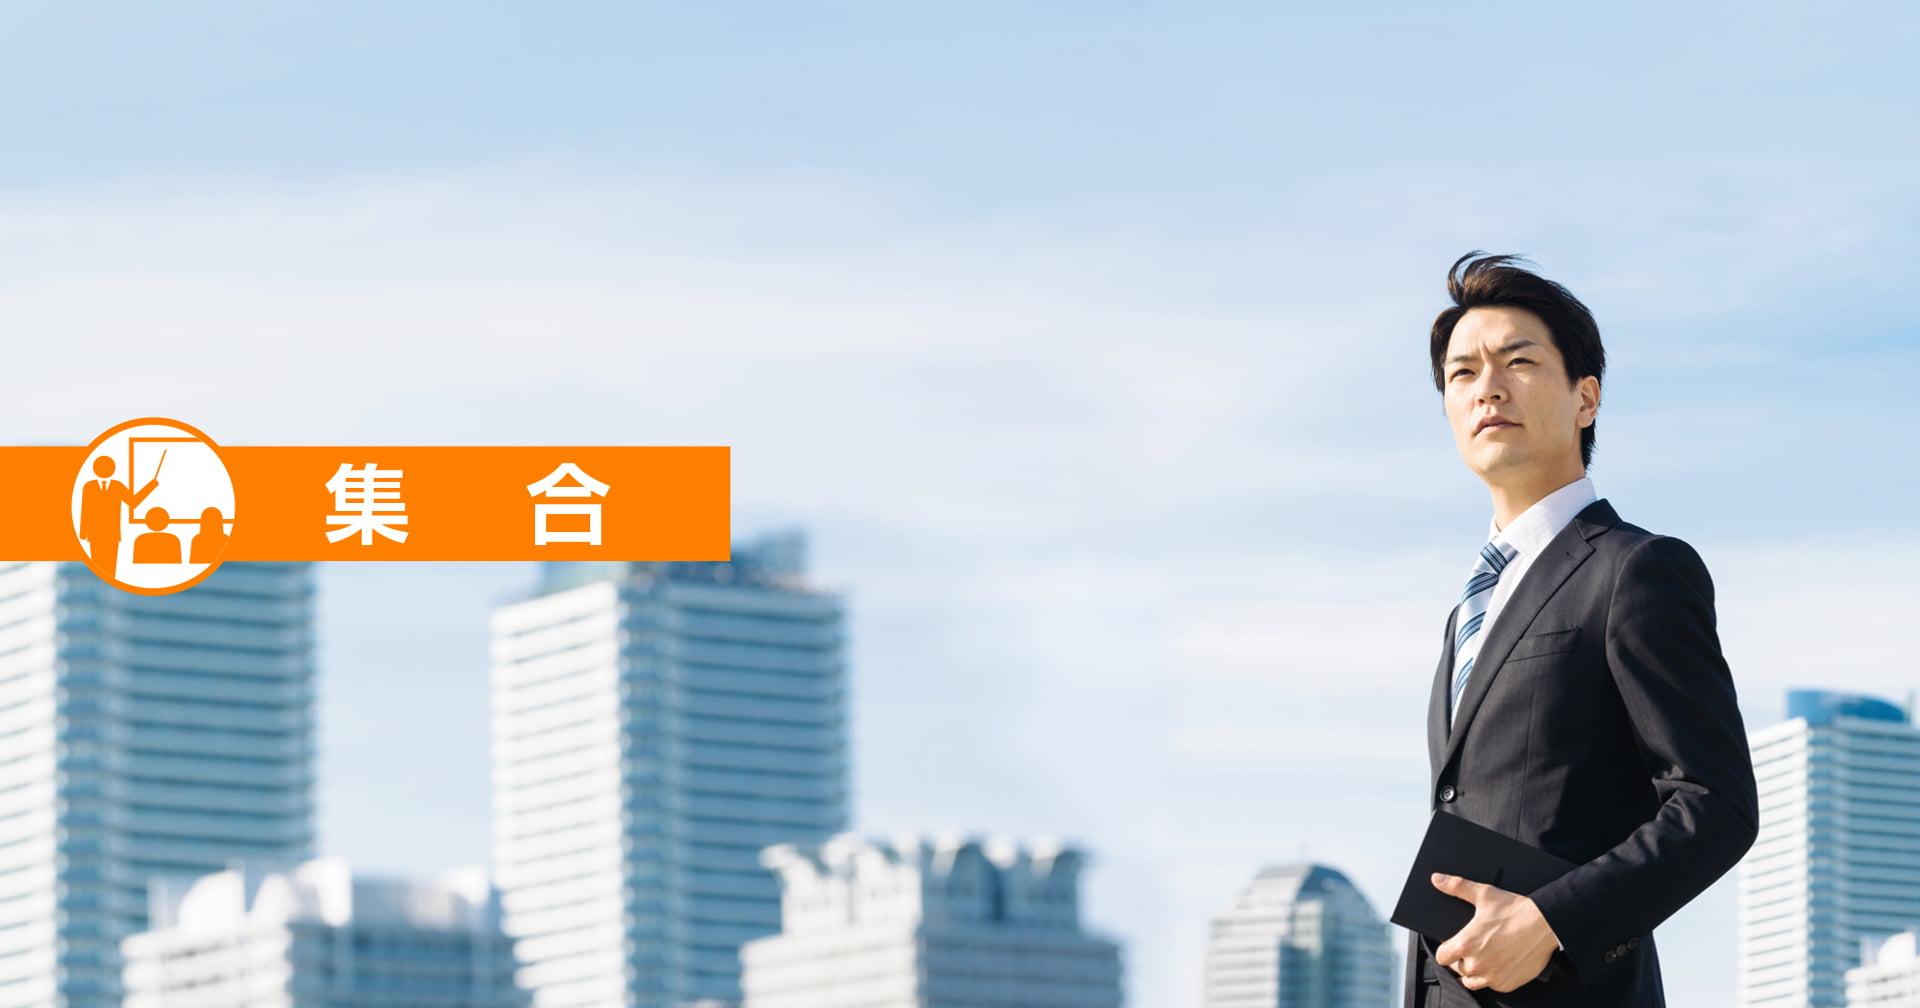 【集合研修】中堅社員研修 意識革新コース(2日)